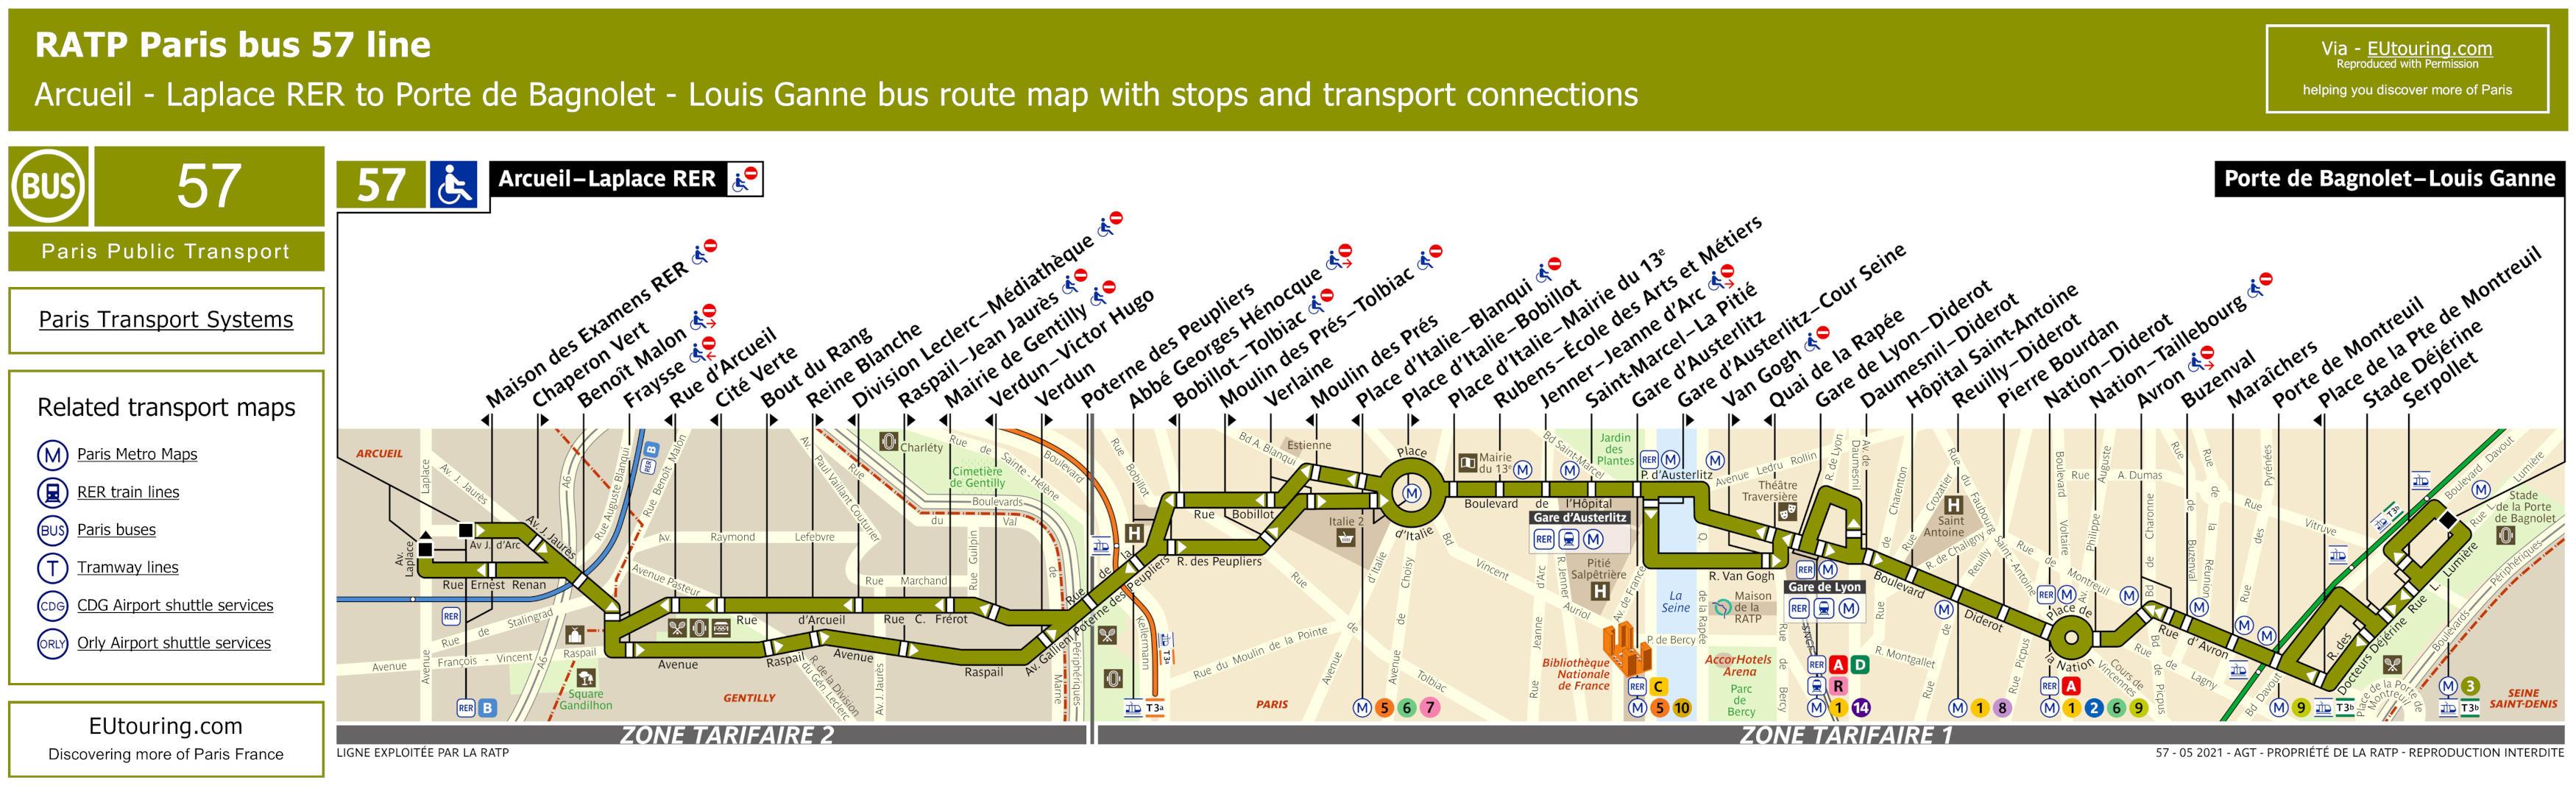 Nouveau réseau de bus parisien - nouveaureseaubusparisien.fr